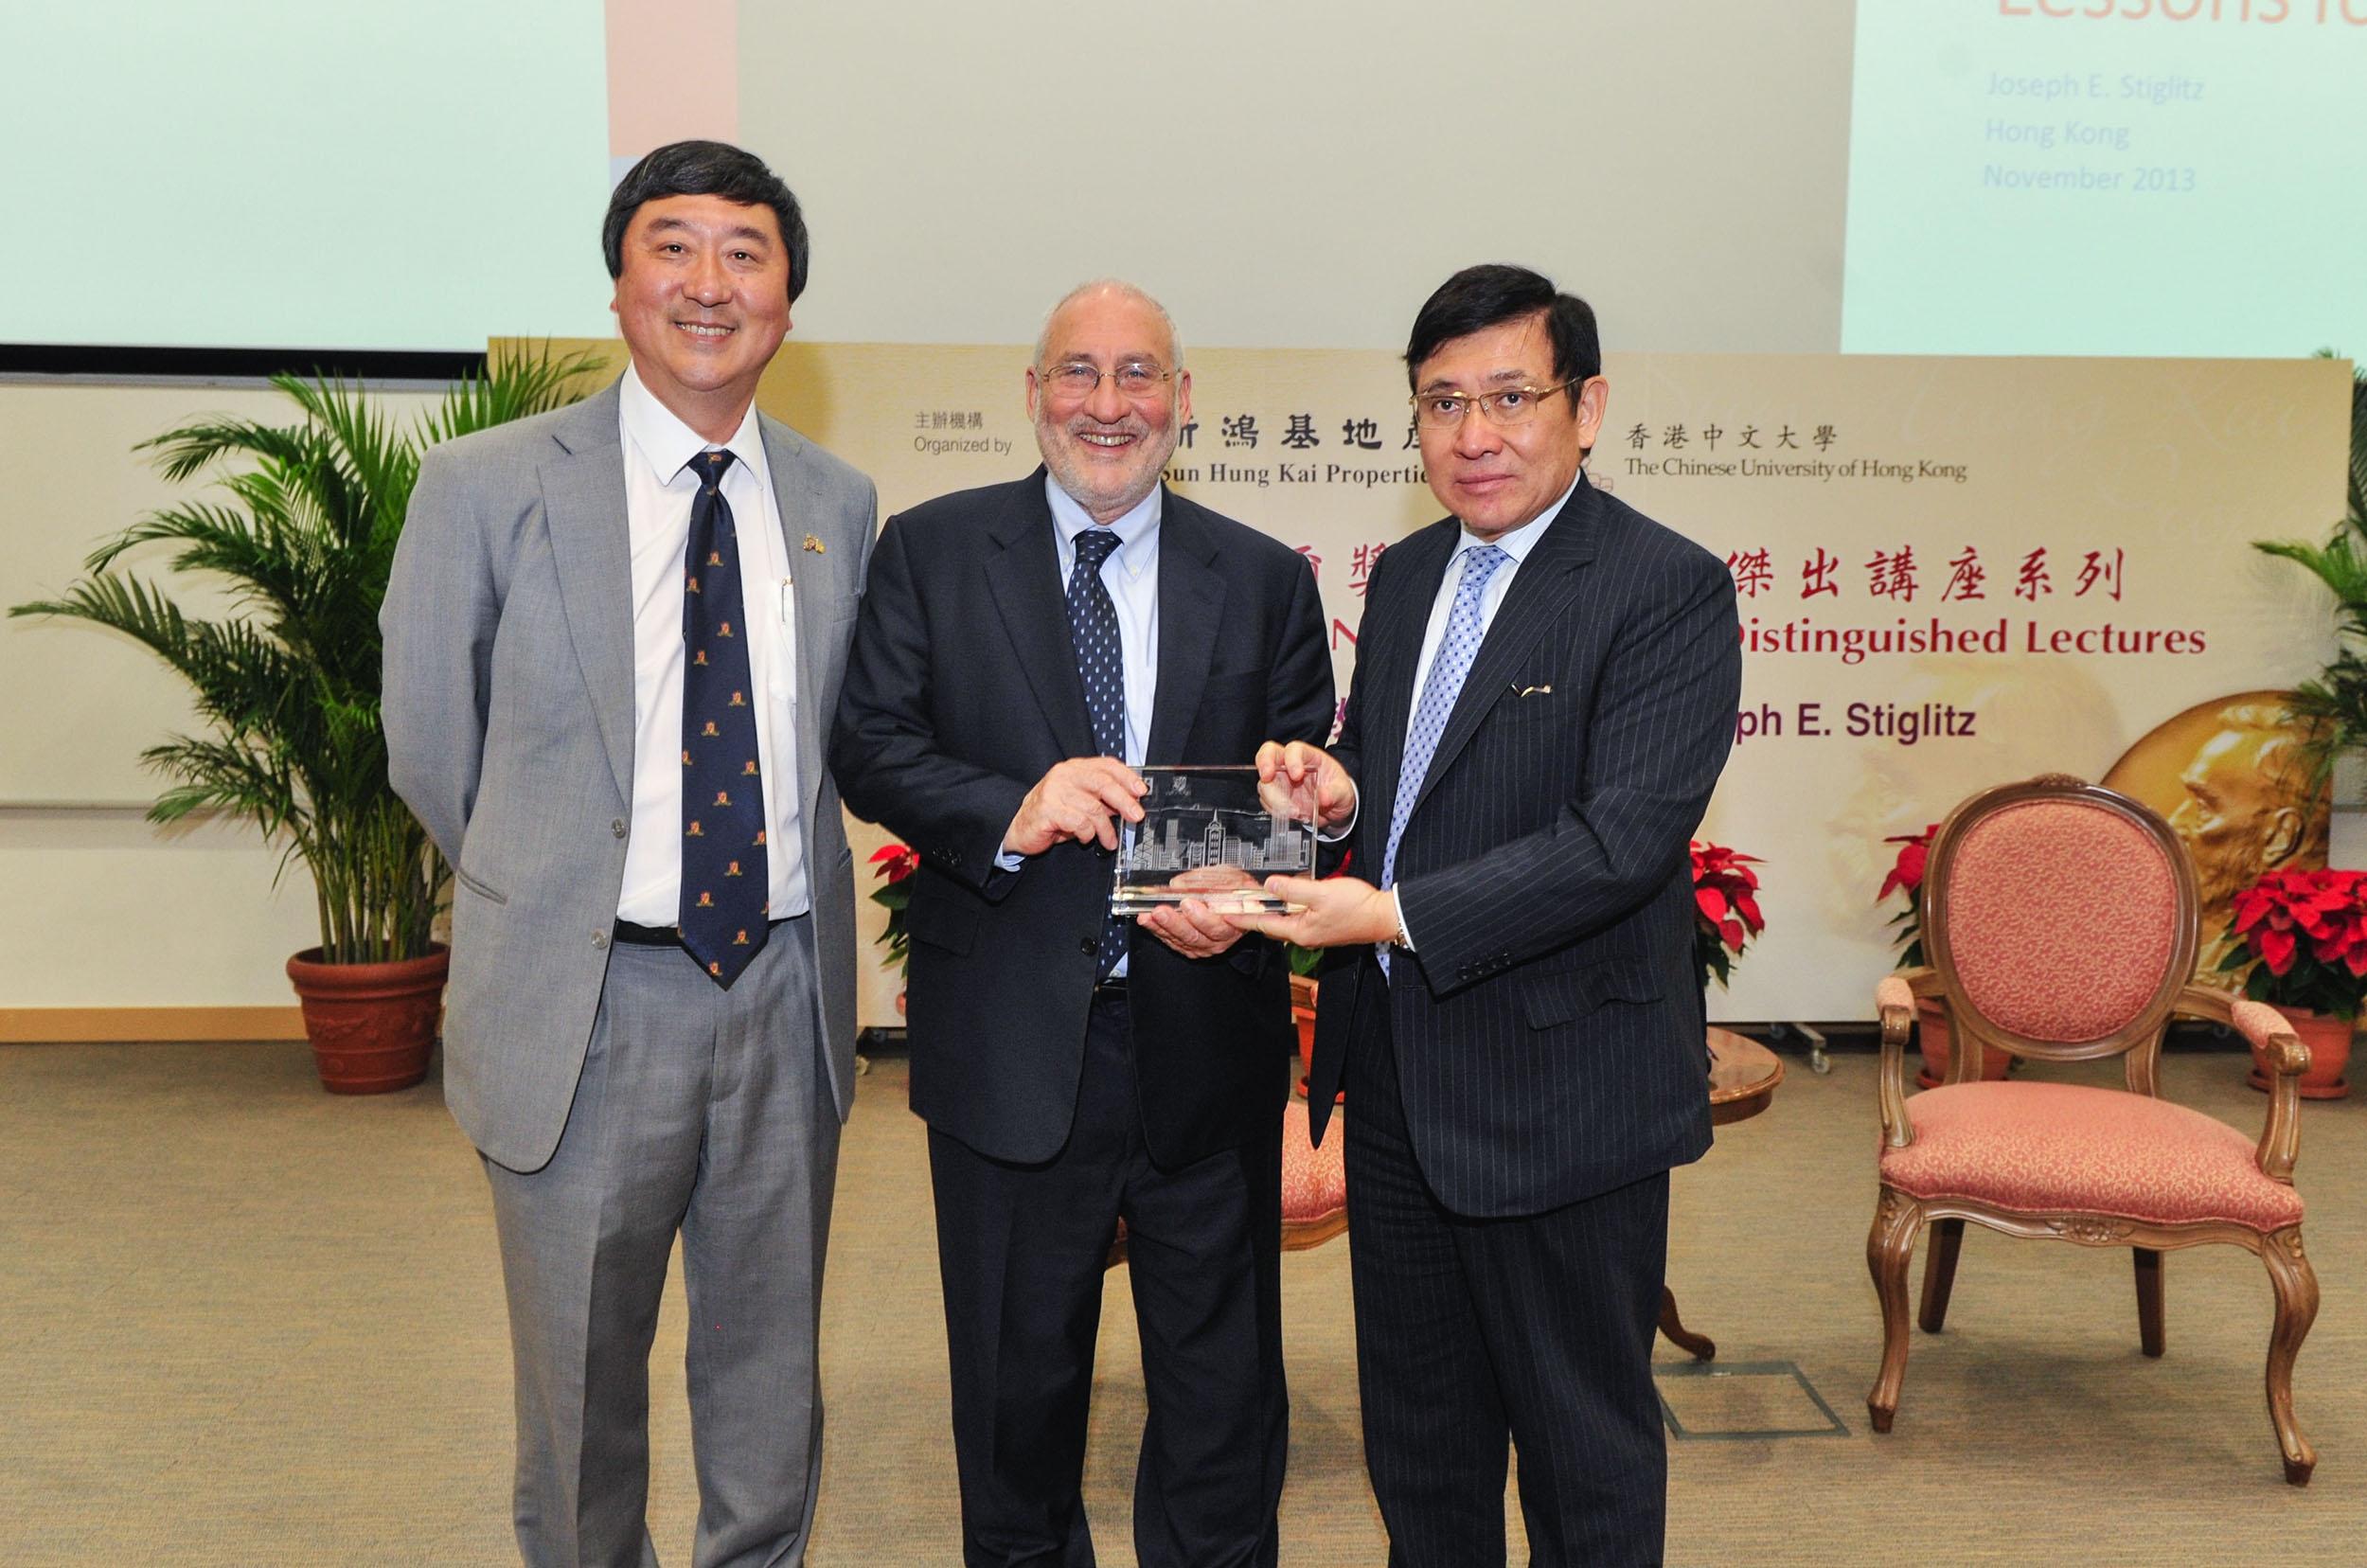 中大校長沈祖堯教授(左一)與新地主席兼董事總經理郭炳聯博士(右一)致送紀念品予2001年諾貝爾經濟學獎得獎學人斯蒂格利茨教授。